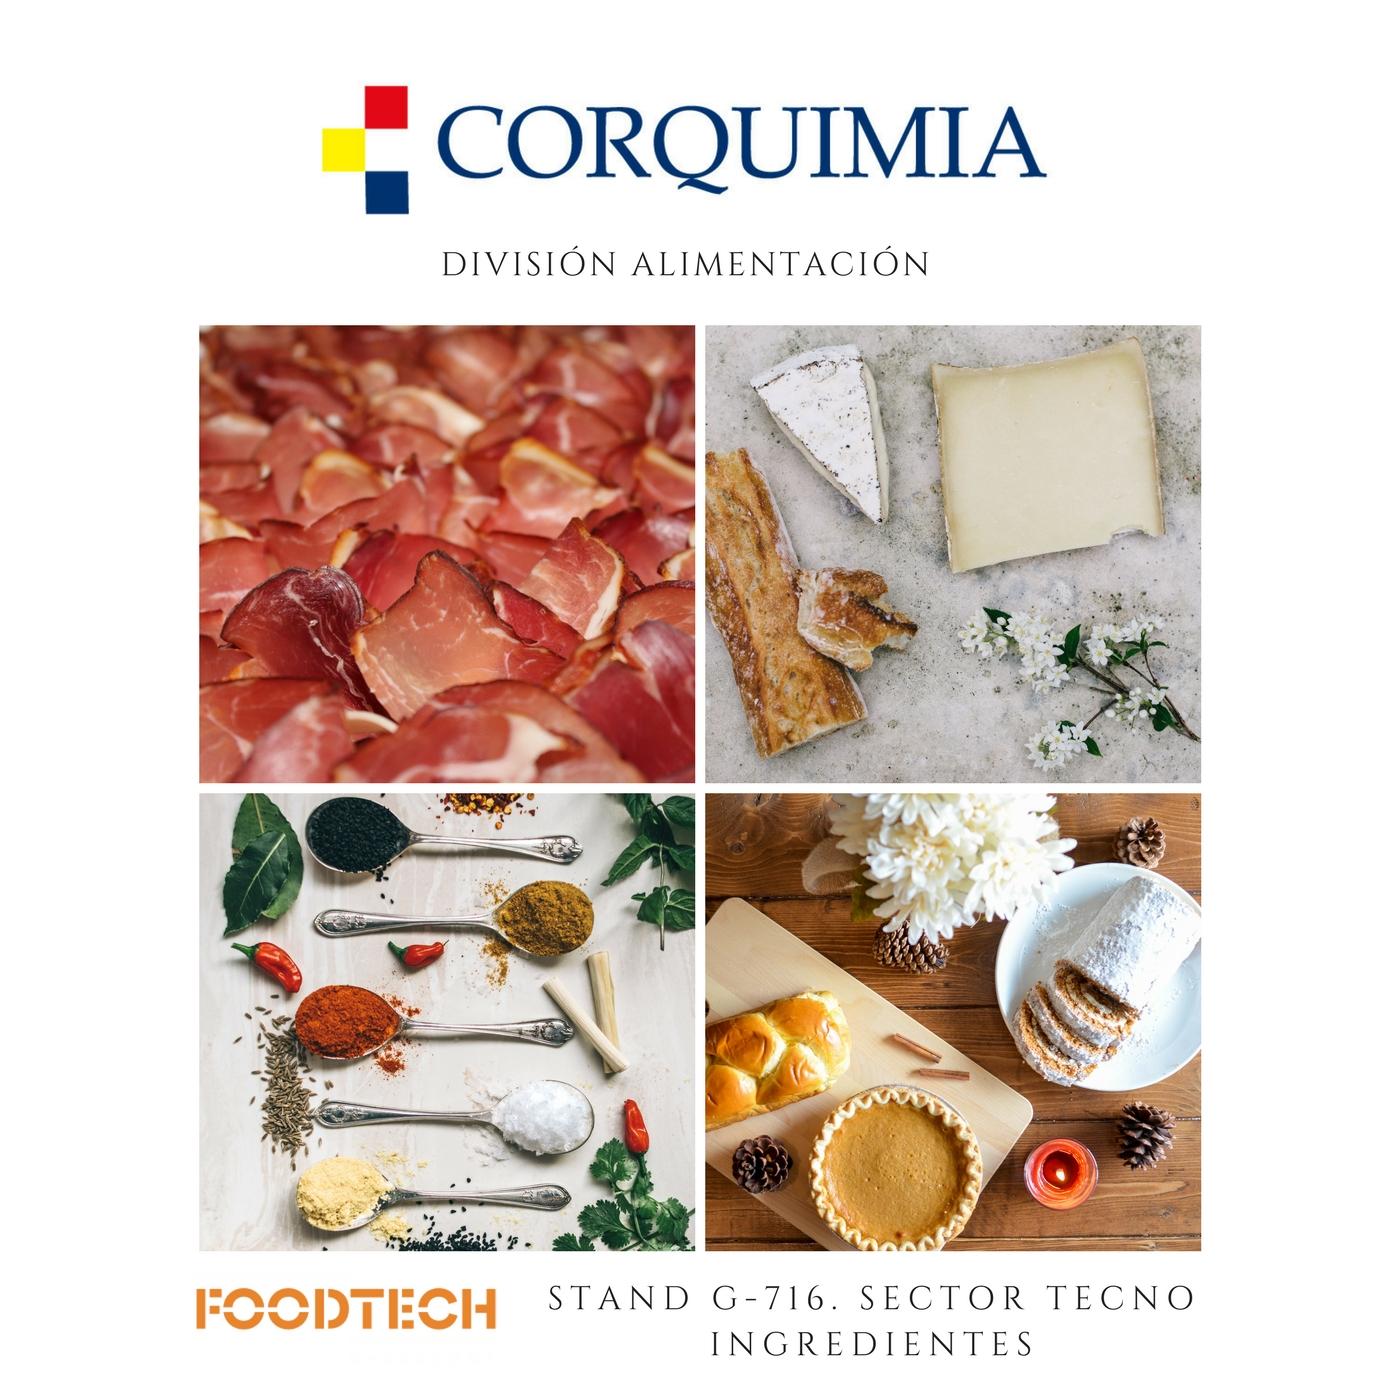 CORQUIMIA  Presente en el FOODTECH 2018